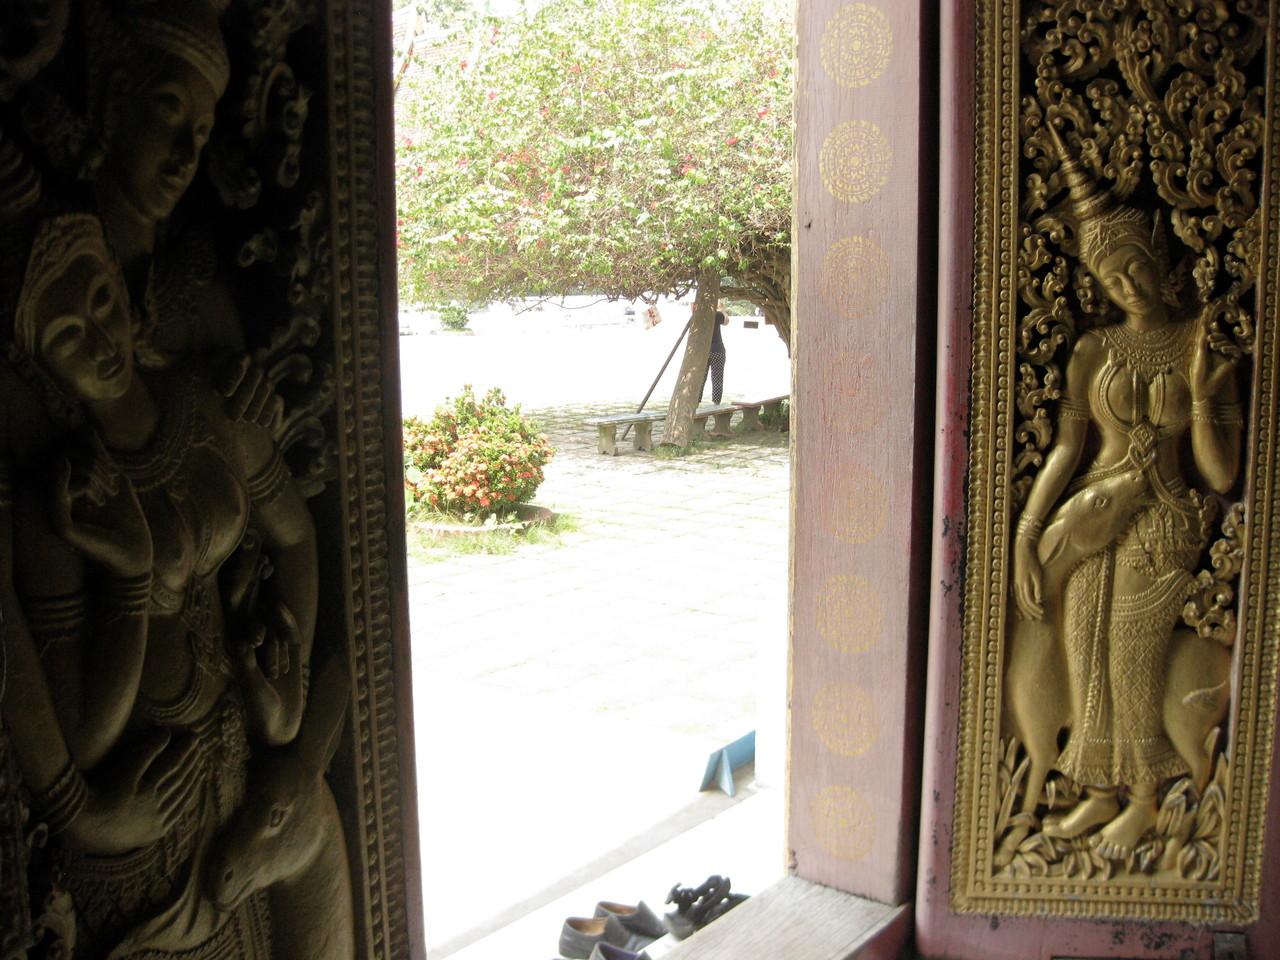 王の葬儀で使った霊柩車を納めてある堂の扉の裏の彫刻が艶かしい。